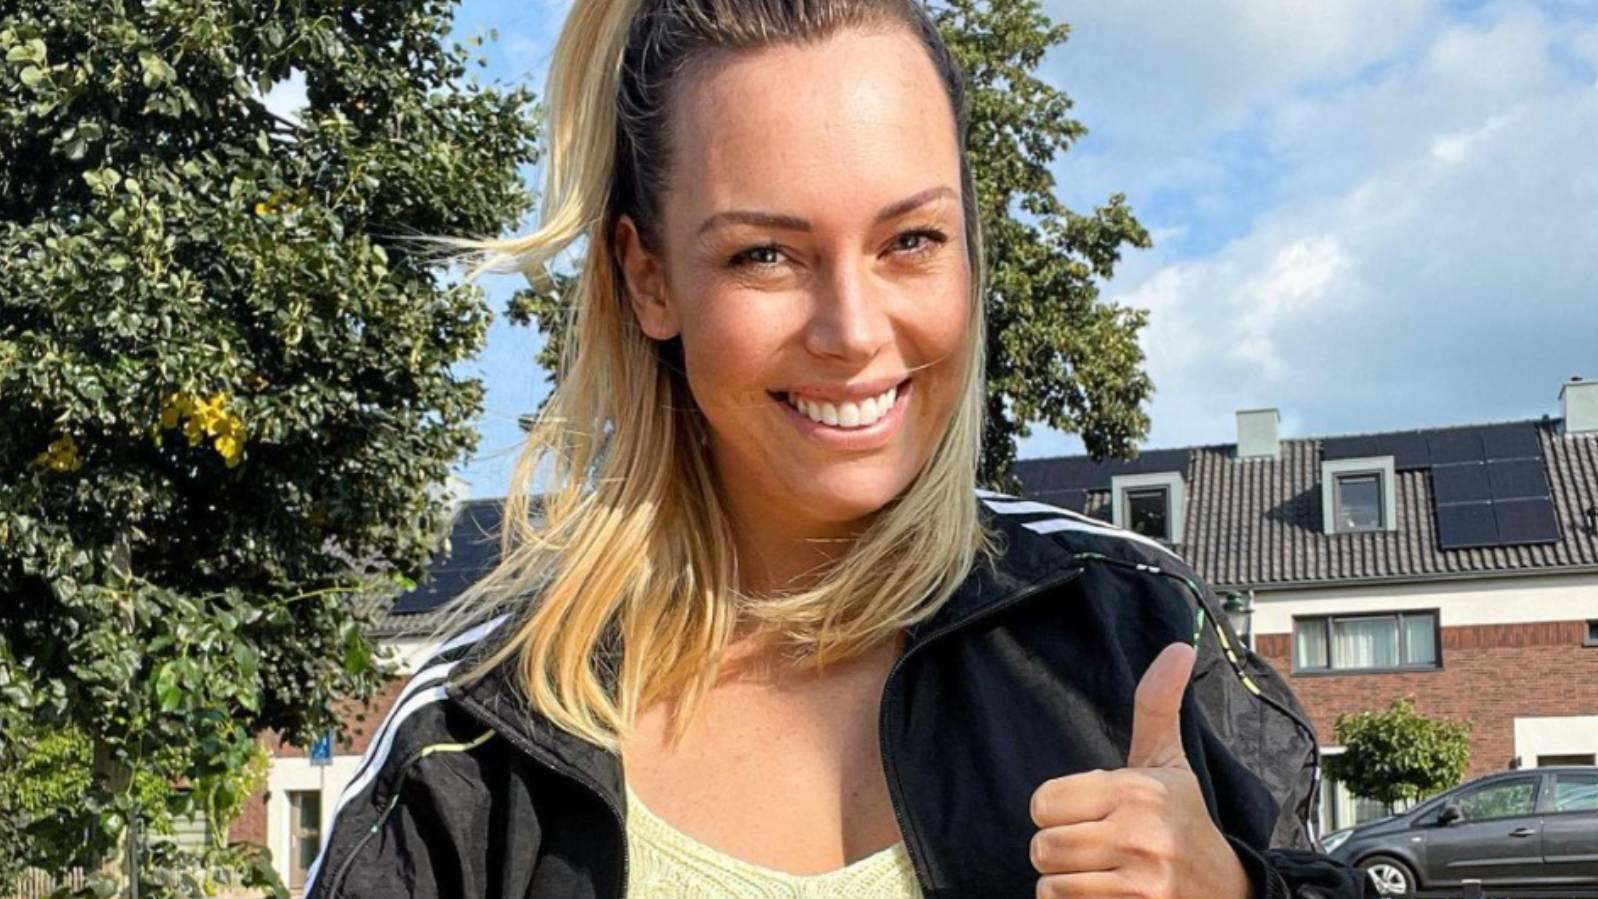 Daumen hoch! Julia Holz gibt ihren Fans ein Update nach der überstandenen Bestrahlungs-Therapie.